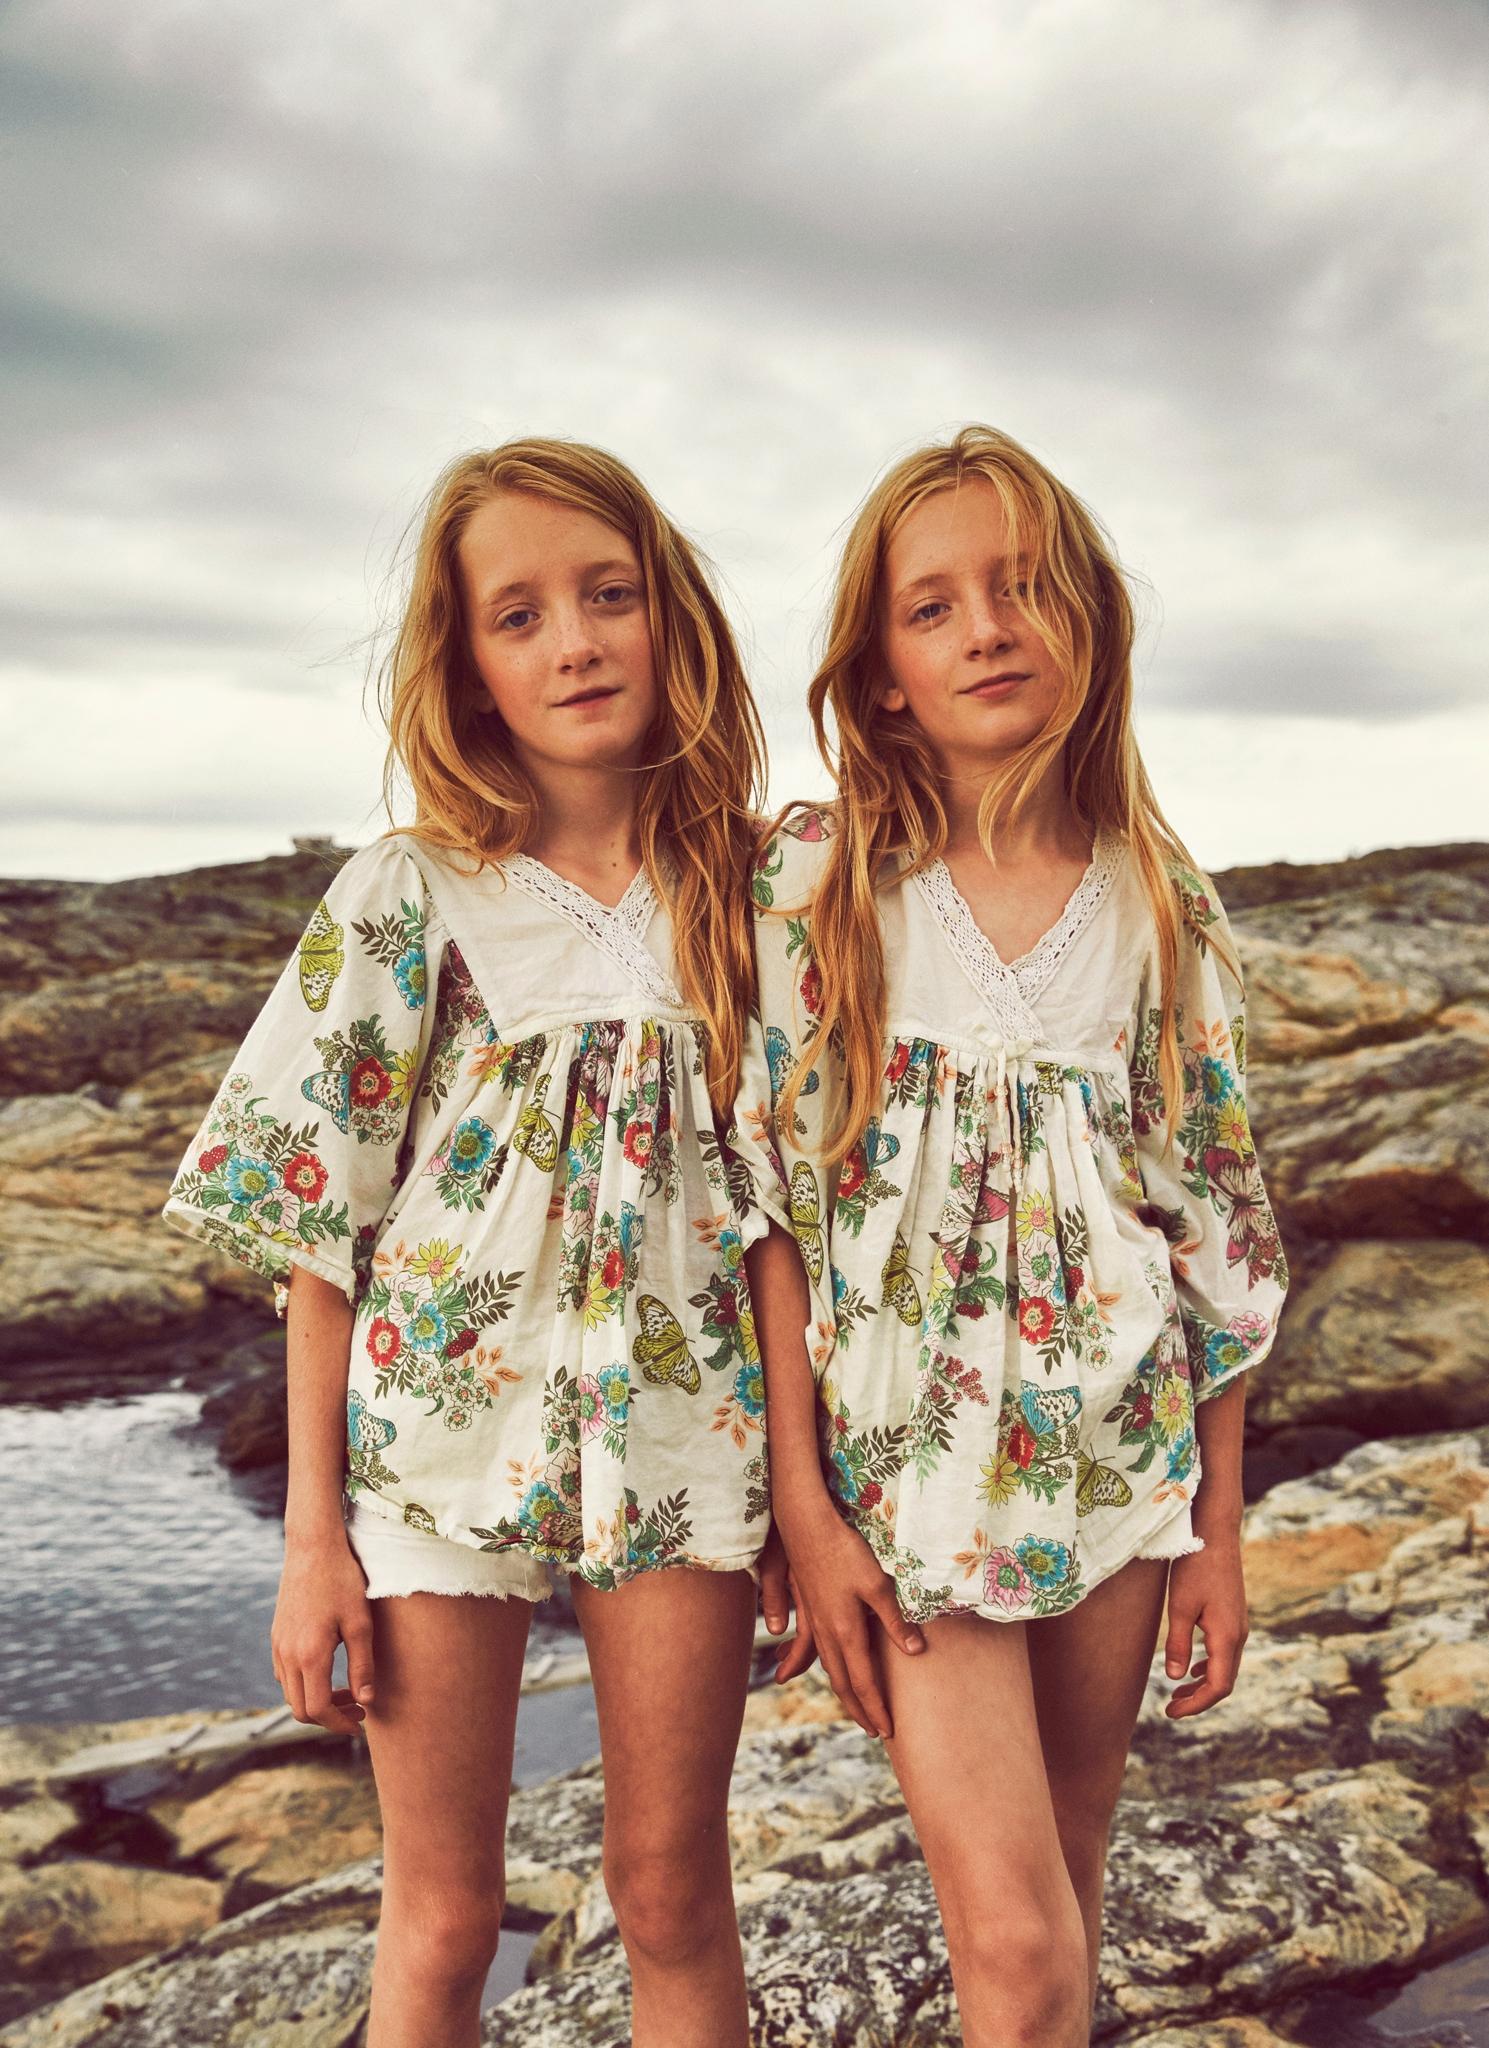 Sisters - maxmoden | ello